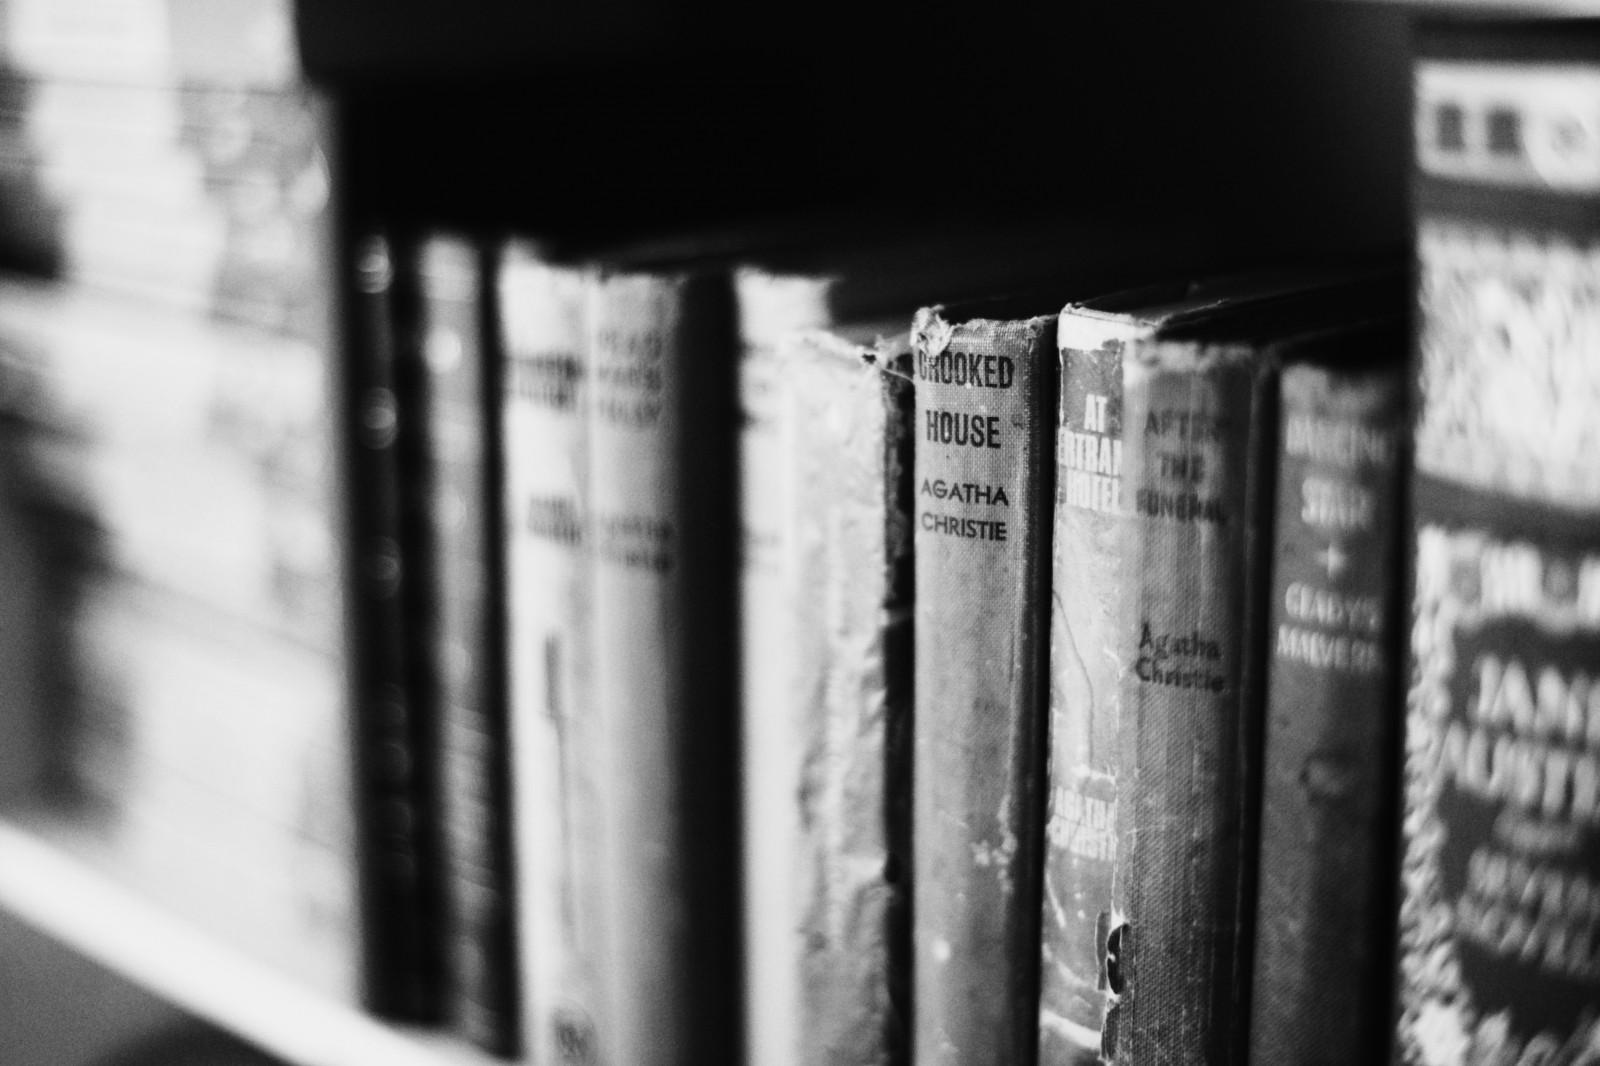 Fondos De Pantalla Antiguo Monocromo Fotografia Libros Camara